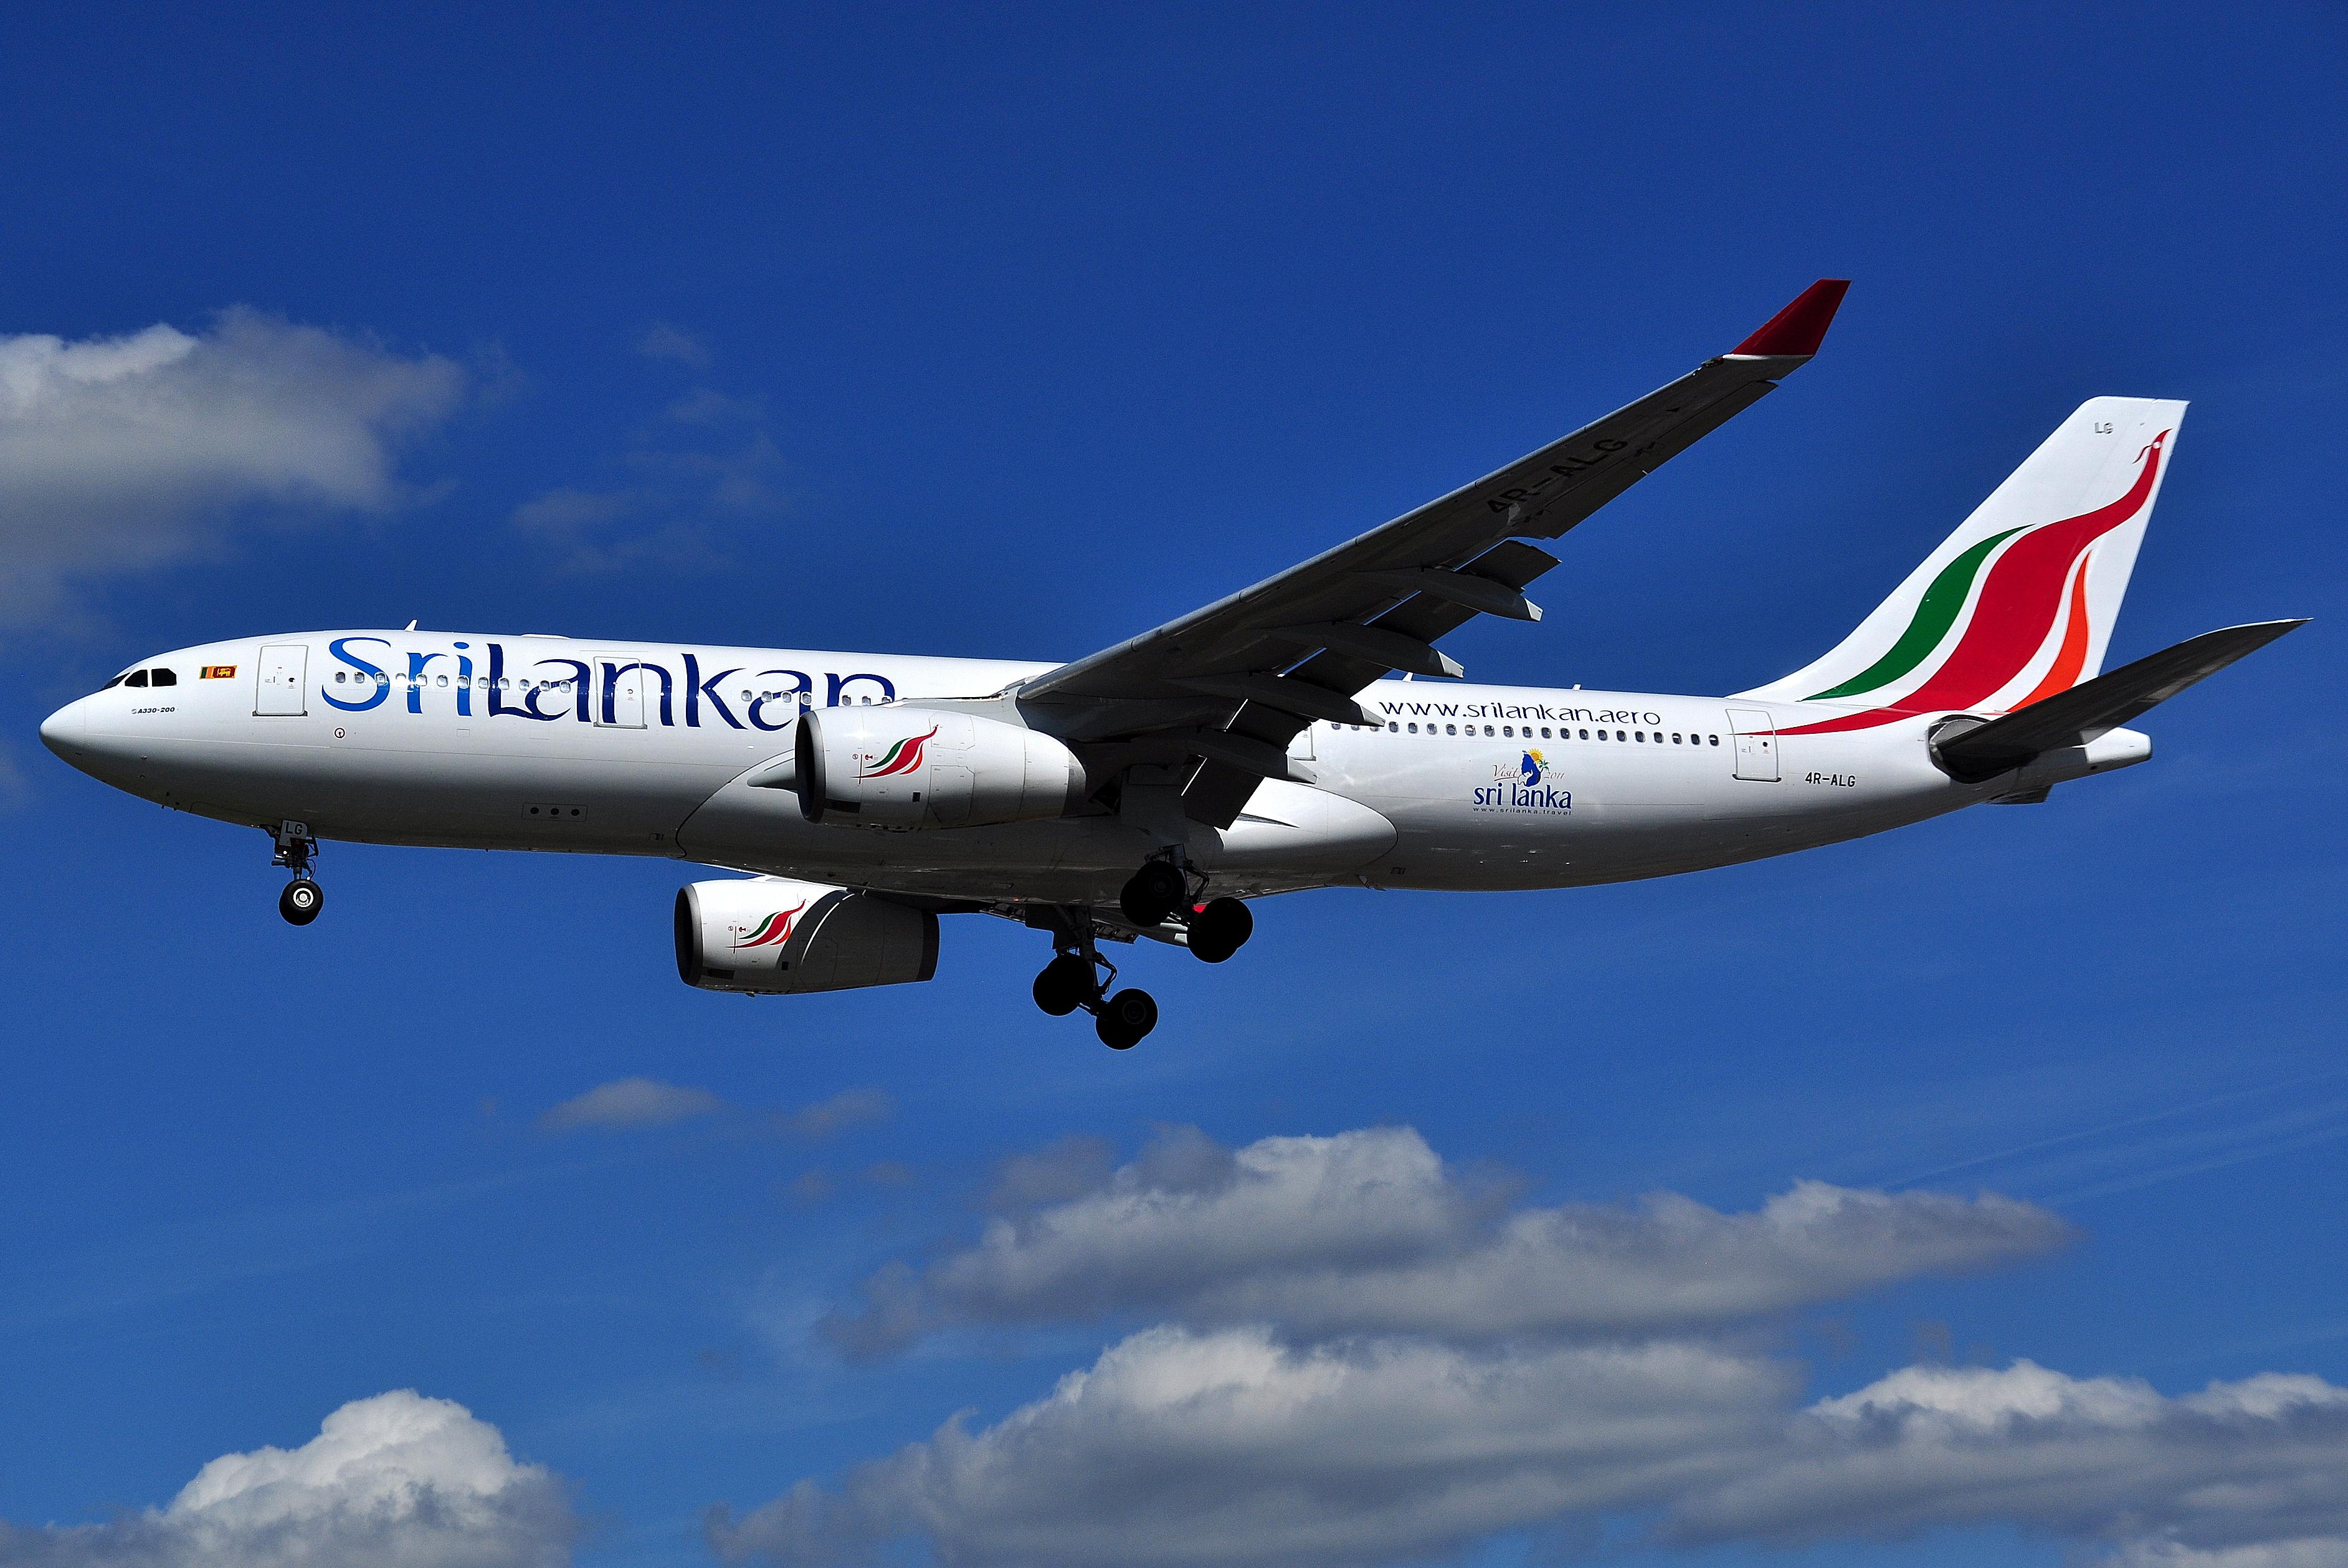 تعرف على الخطوط الجويه السريلانكيه | طيران سريلانكا | خطوط سريلانكا الجوية